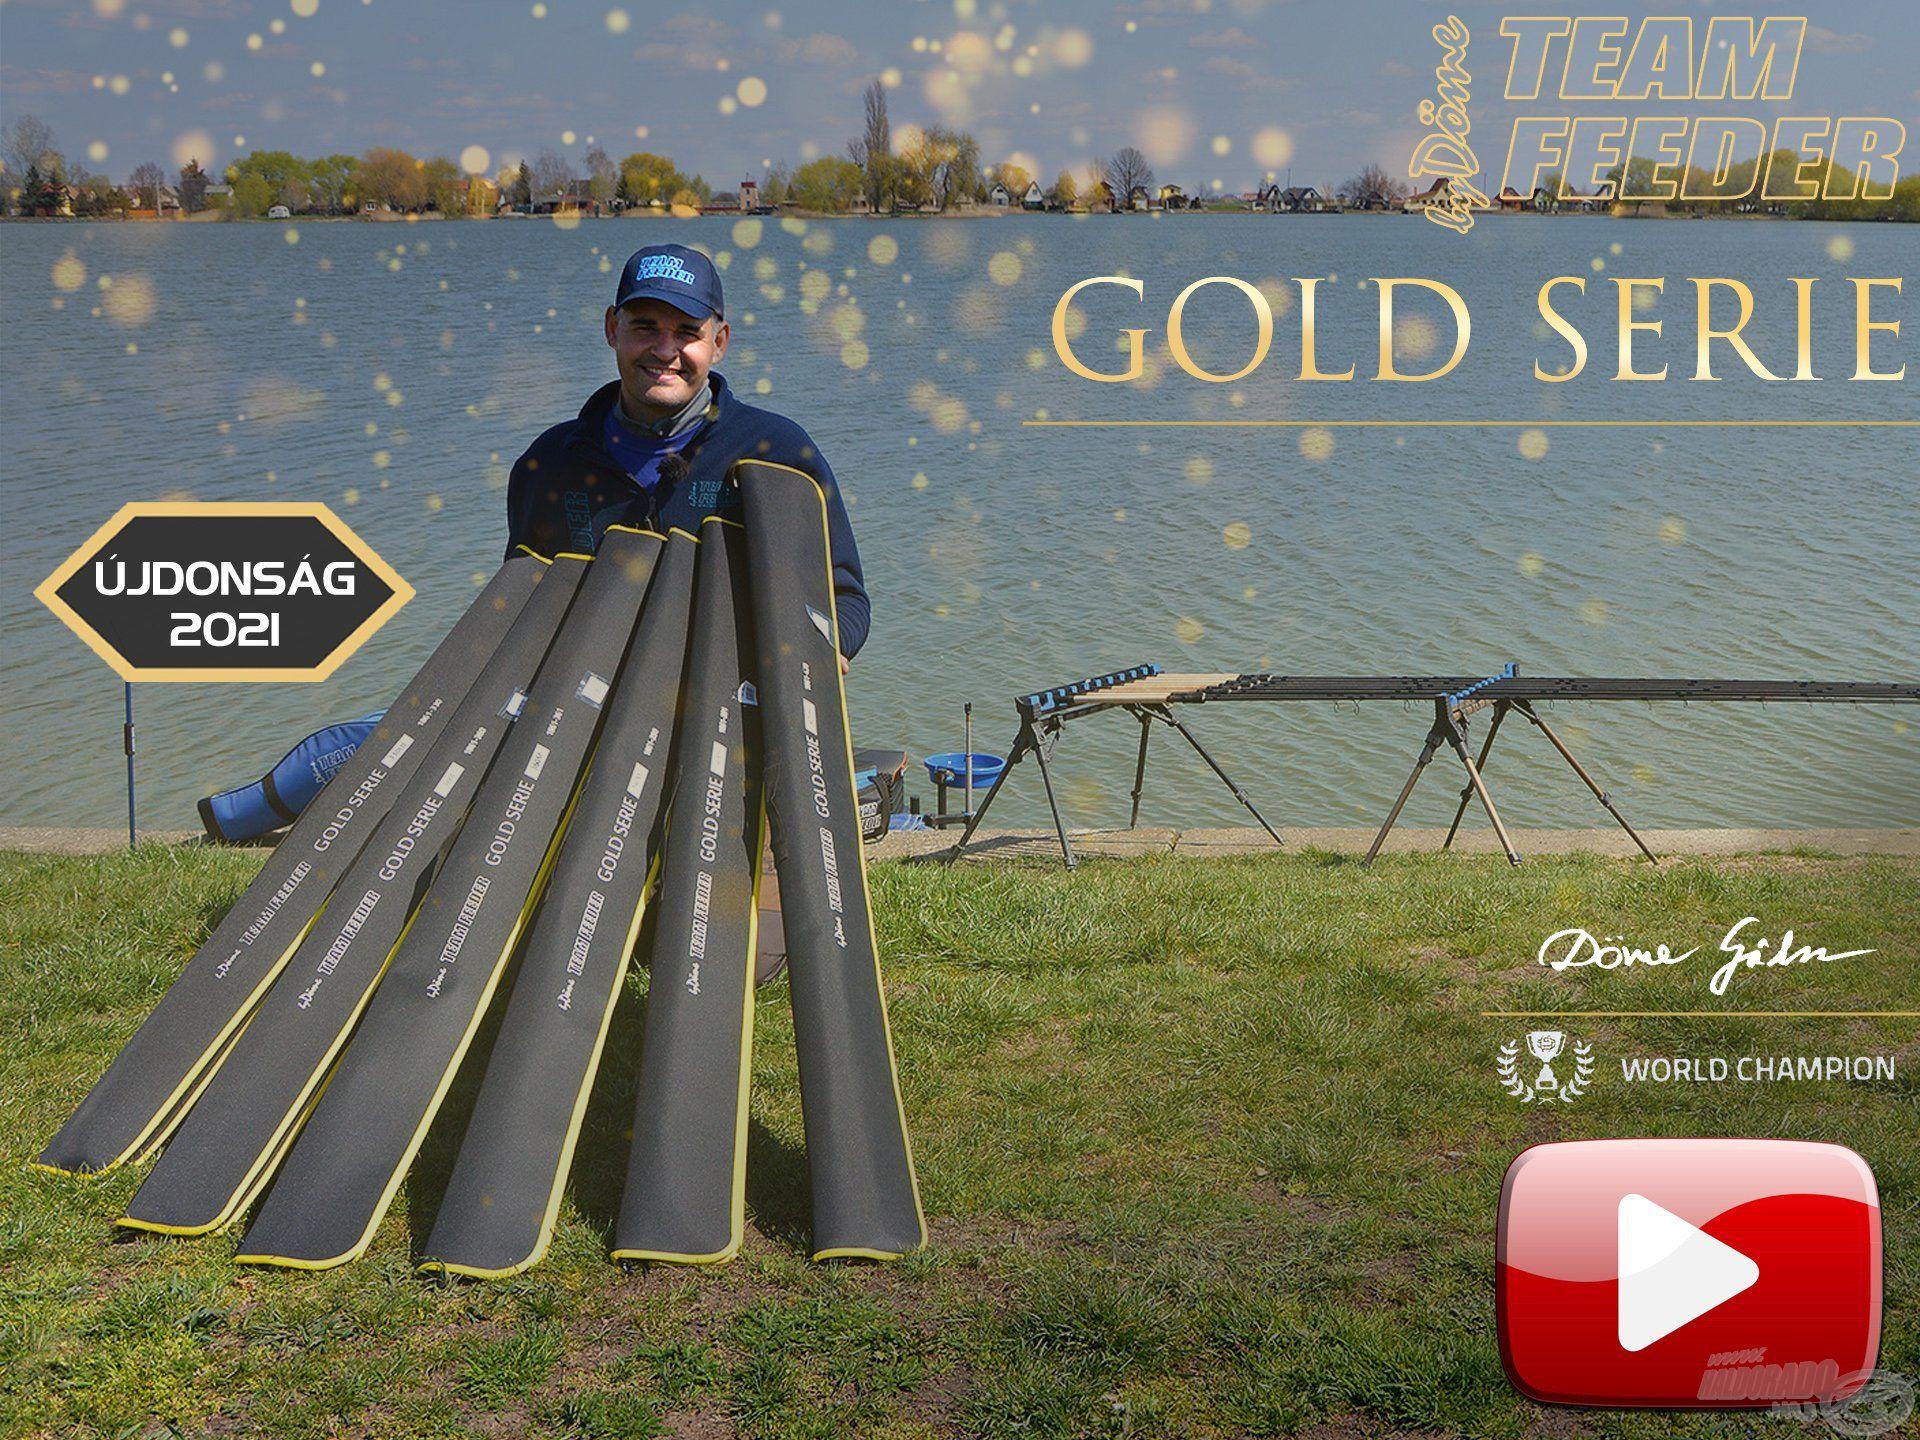 Bemutatom a TEAM FEEDER Gold Serie feederbotokat